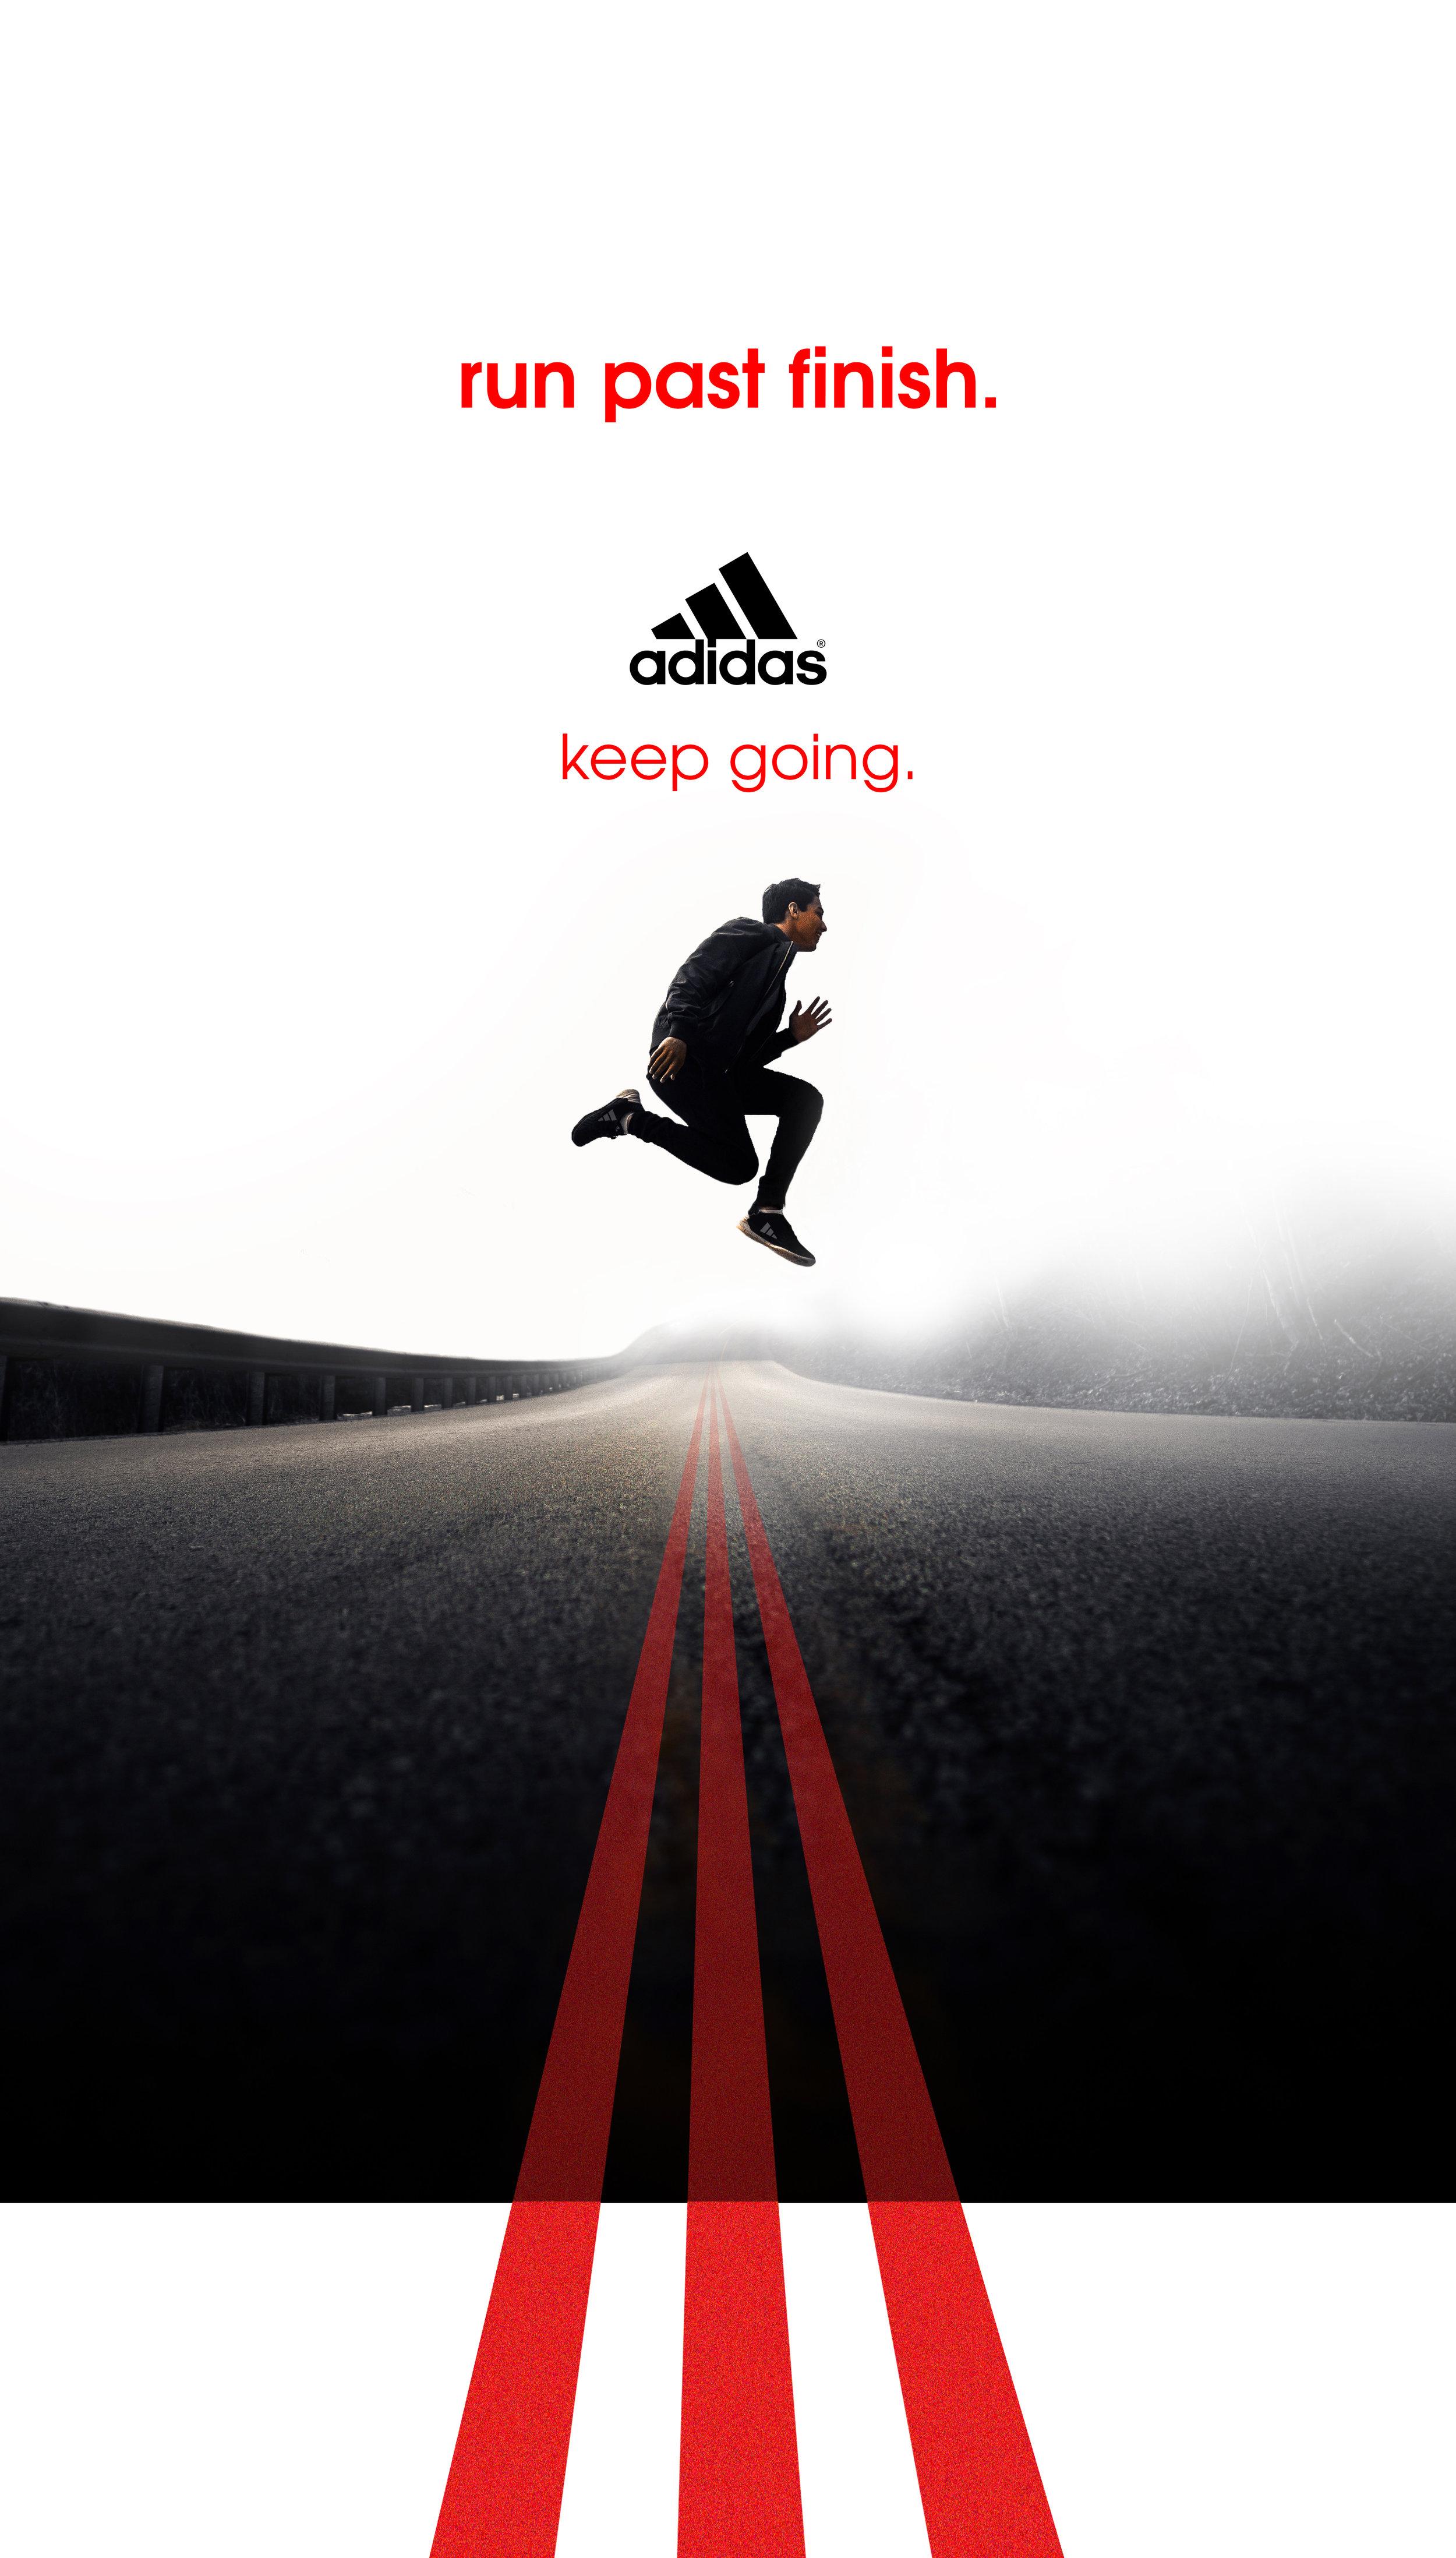 Adidas Ad Campaign Run Past Finish Mel Blanchard Gong.jpg